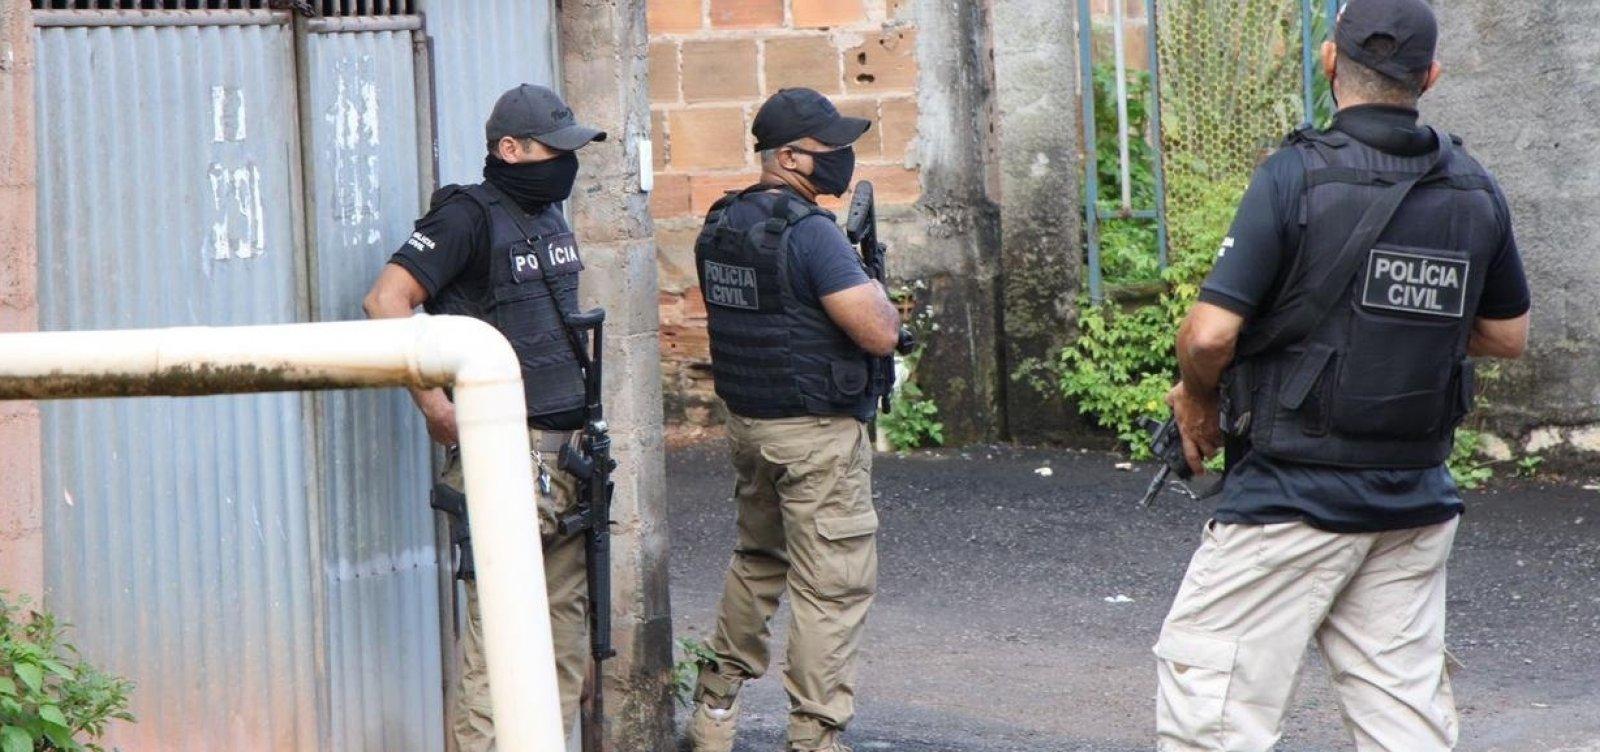 Apenas 22% dos assassinatos ocorridos na Bahia são esclarecidos, aponta pesquisa